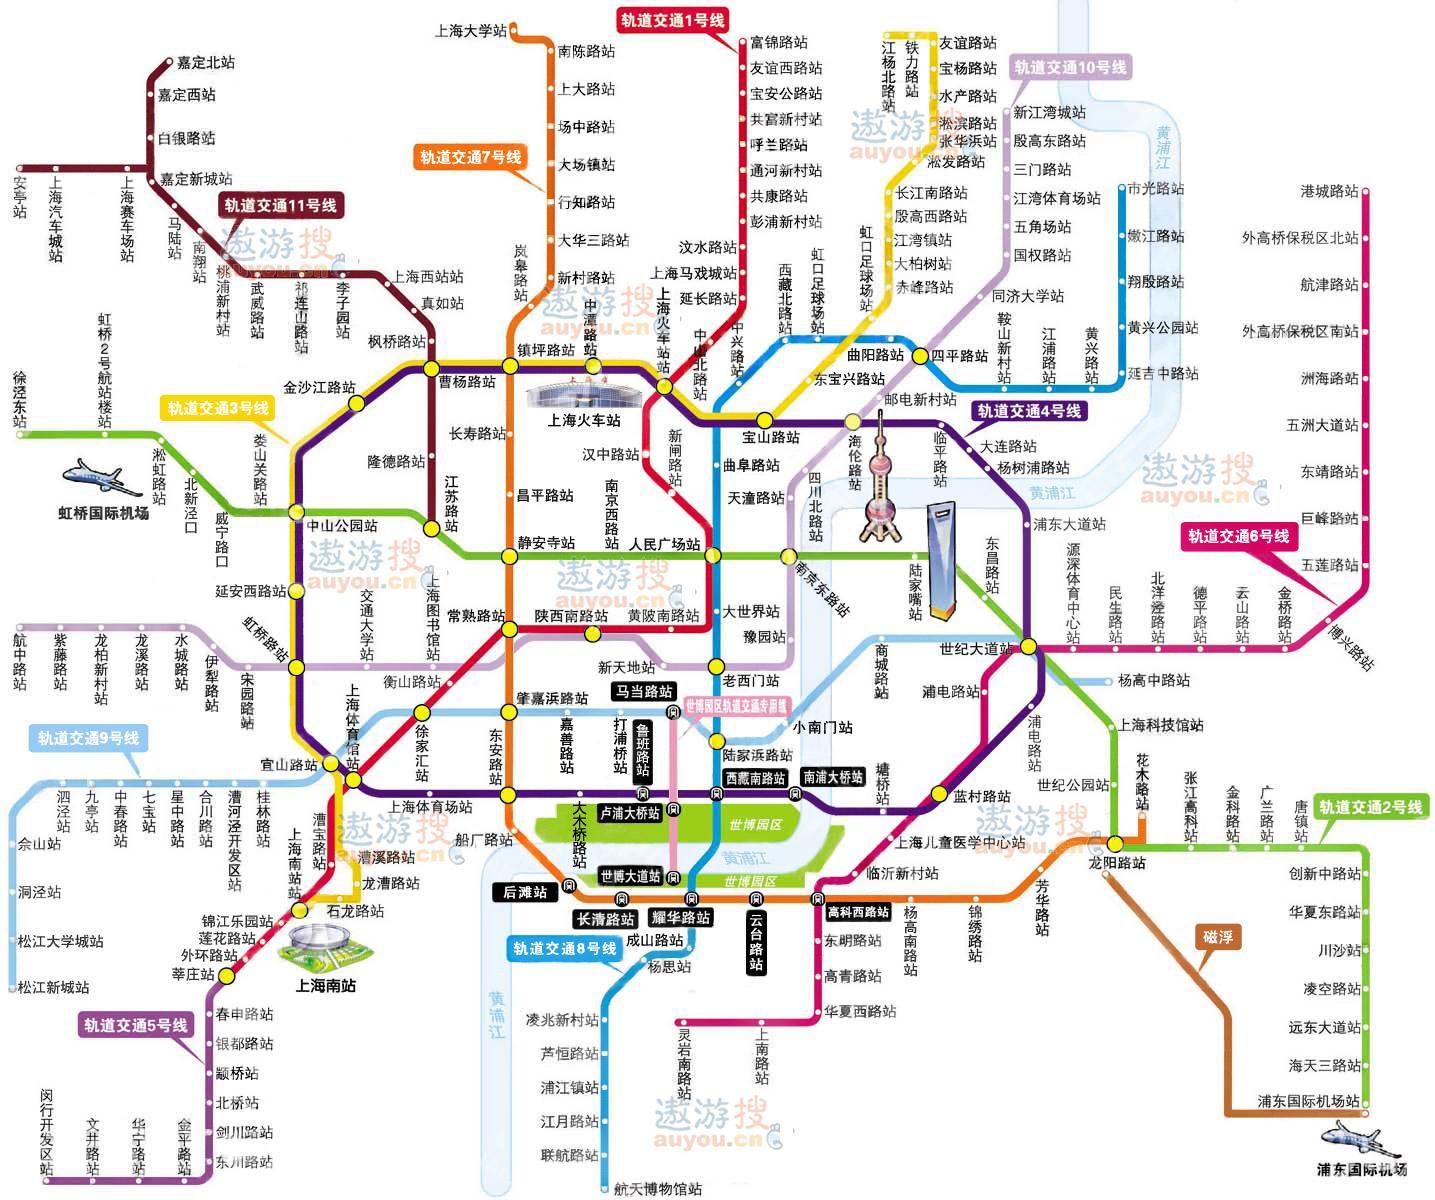 上海轨道交通图高清版 上海地铁图2021高清版